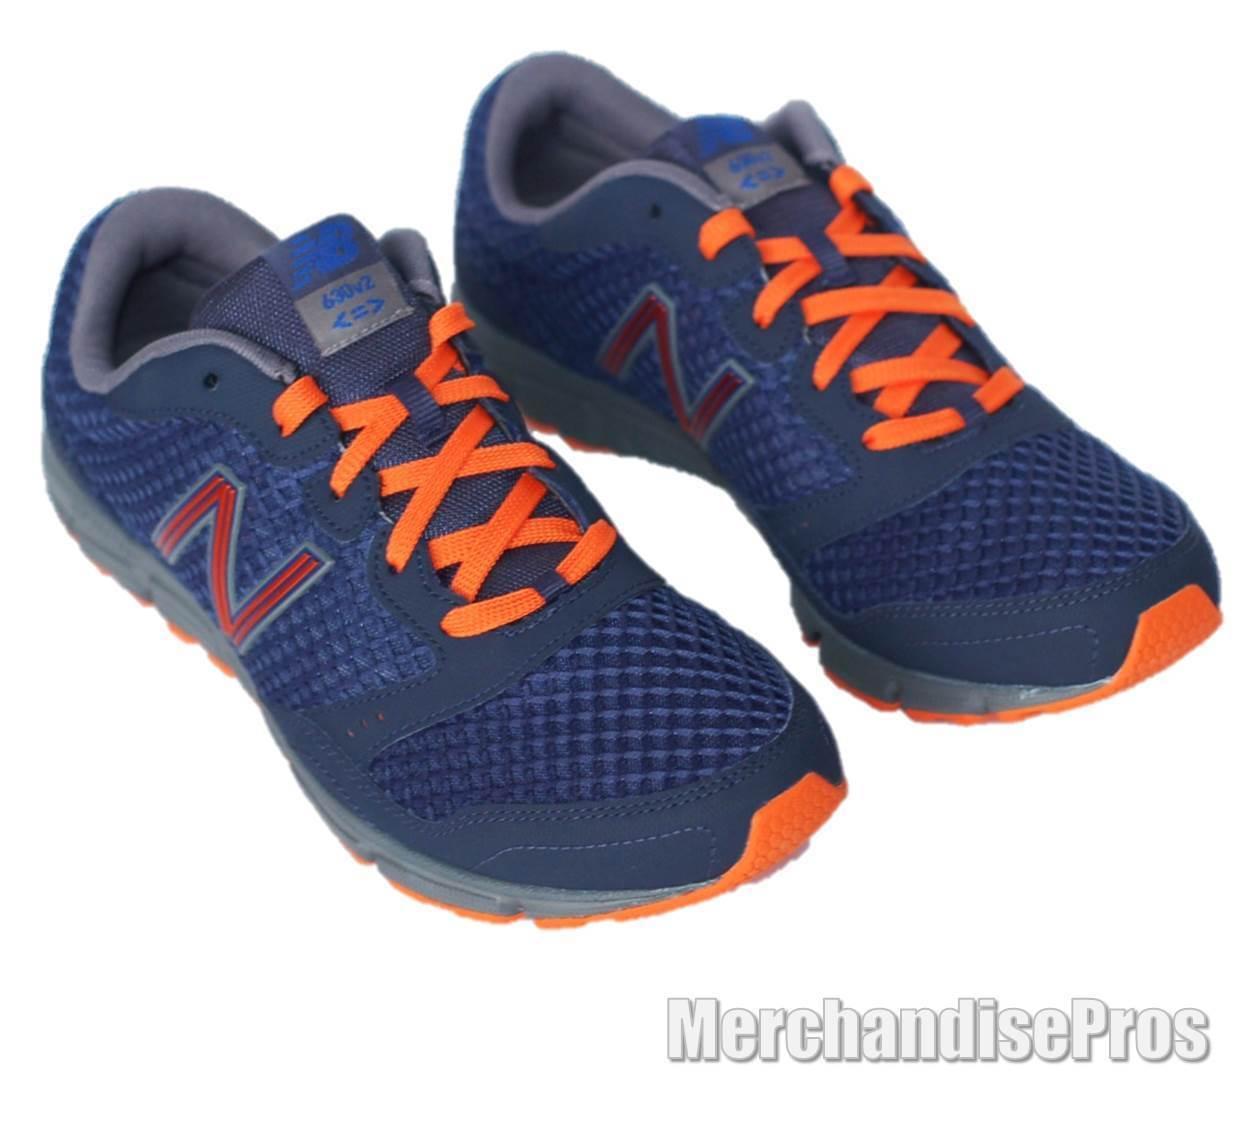 Herren M630RY2 NEW BALANCE RUNNING Schuhe M630RY2 Herren Blau/Orange 10D MEDIUM  NEW 5a6c97